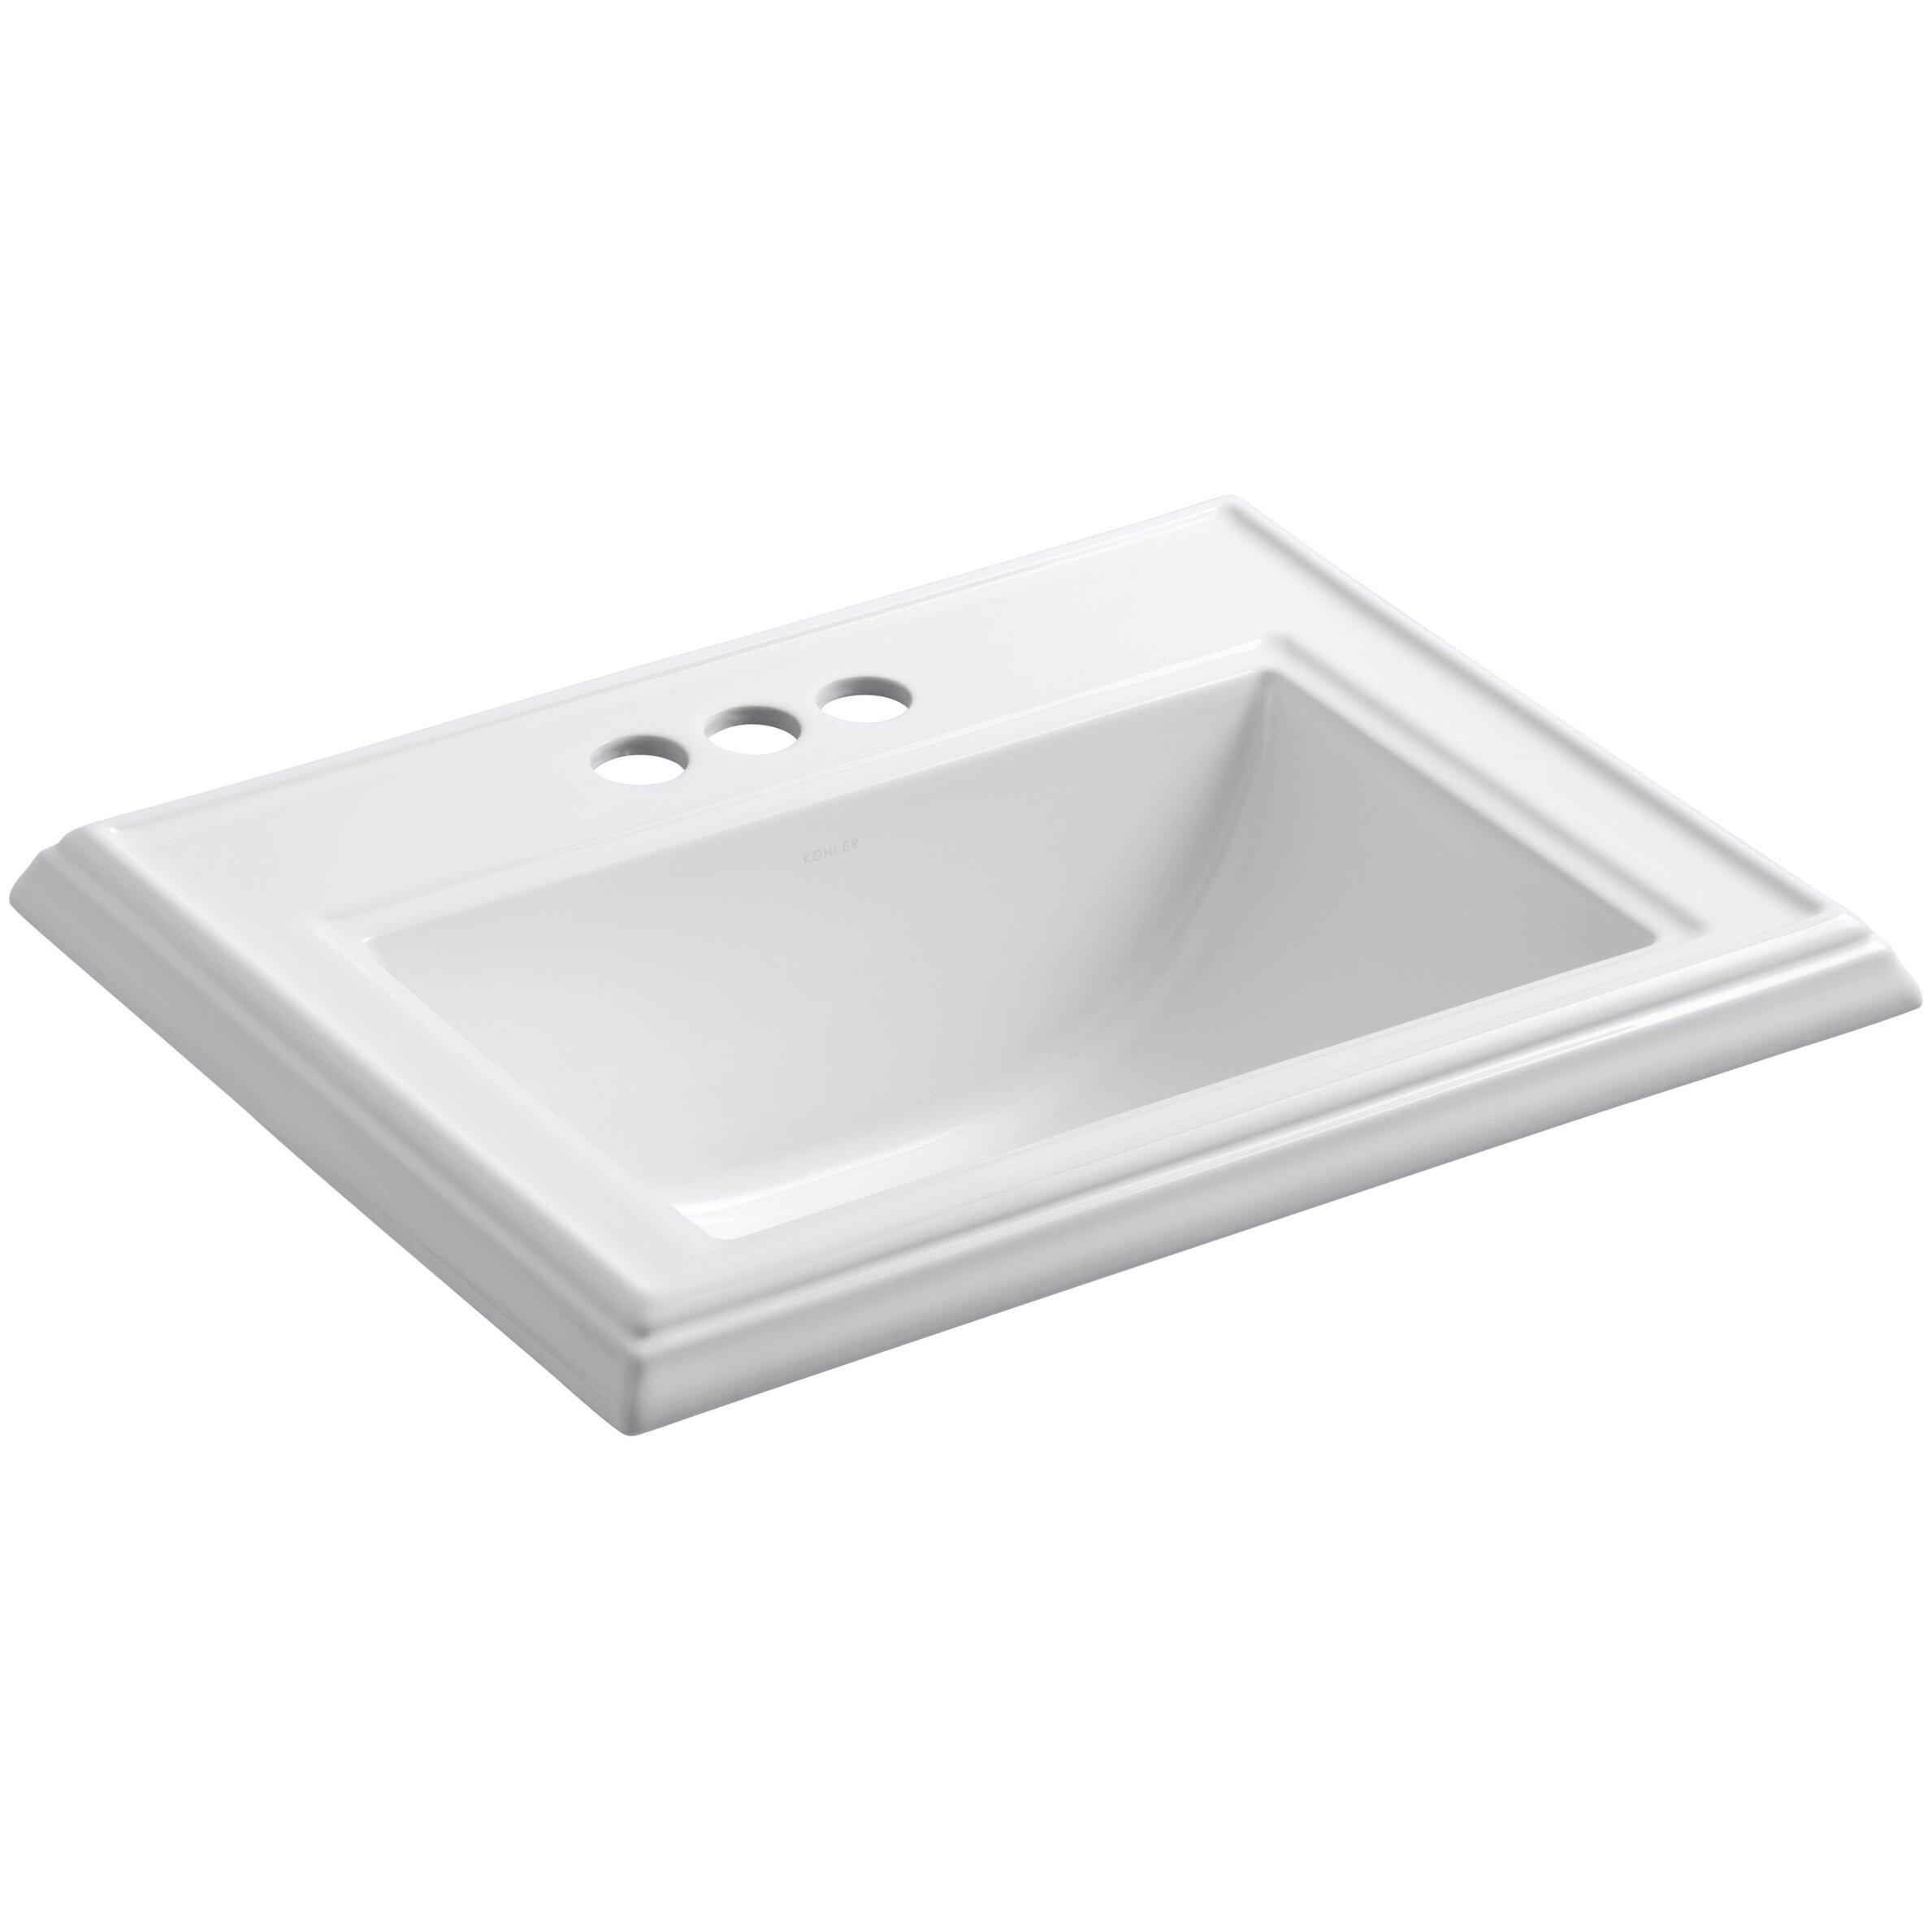 Kohler Memoirs Classic Drop In Bathroom Sink Reviews Wayfair